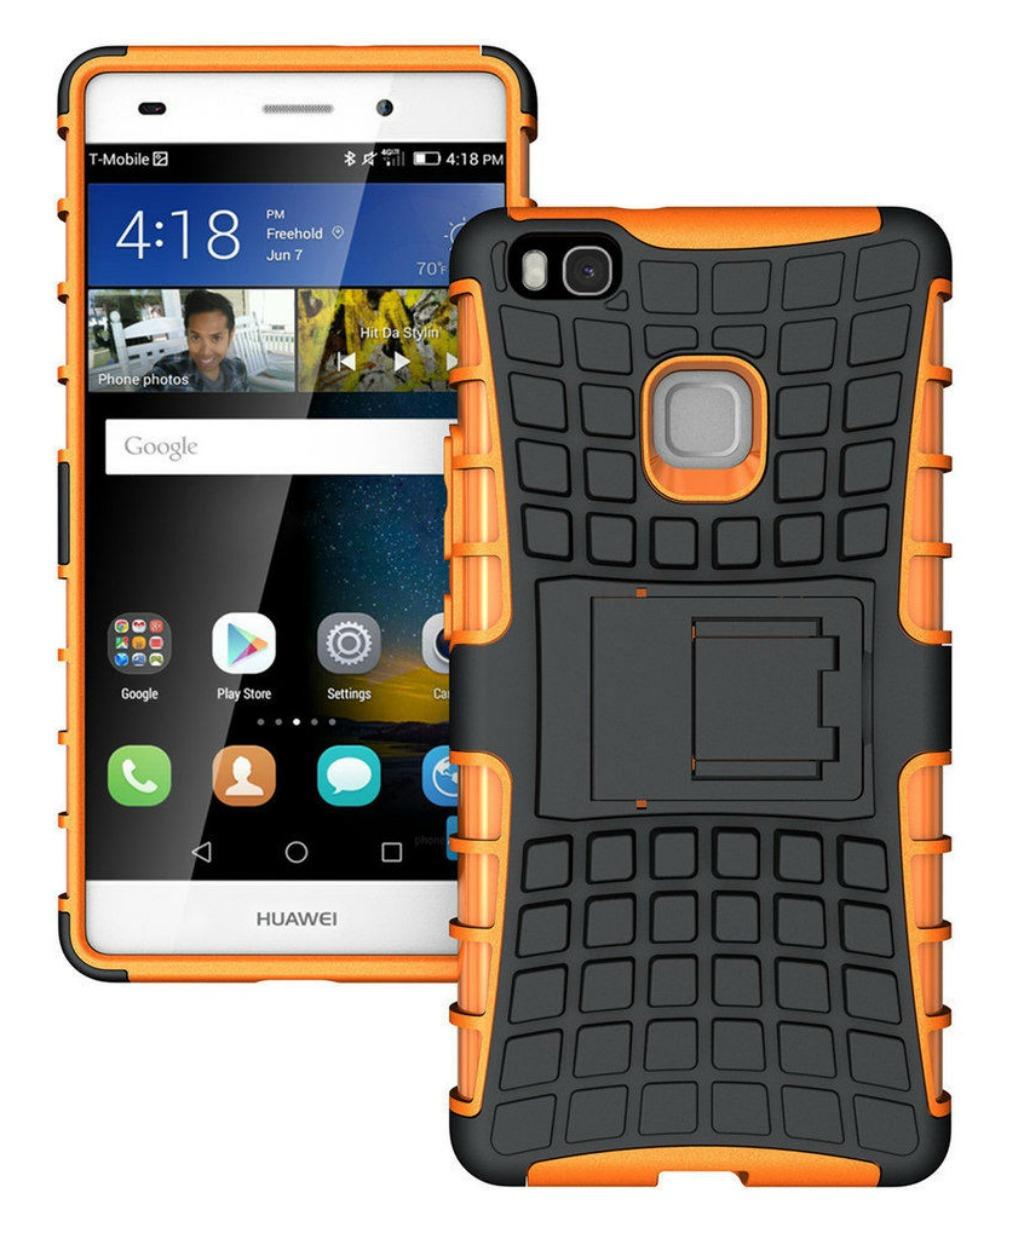 Ανθεκτική Θήκη Huawei P9 Lite (8278) Πορτοκαλί - OEM default category